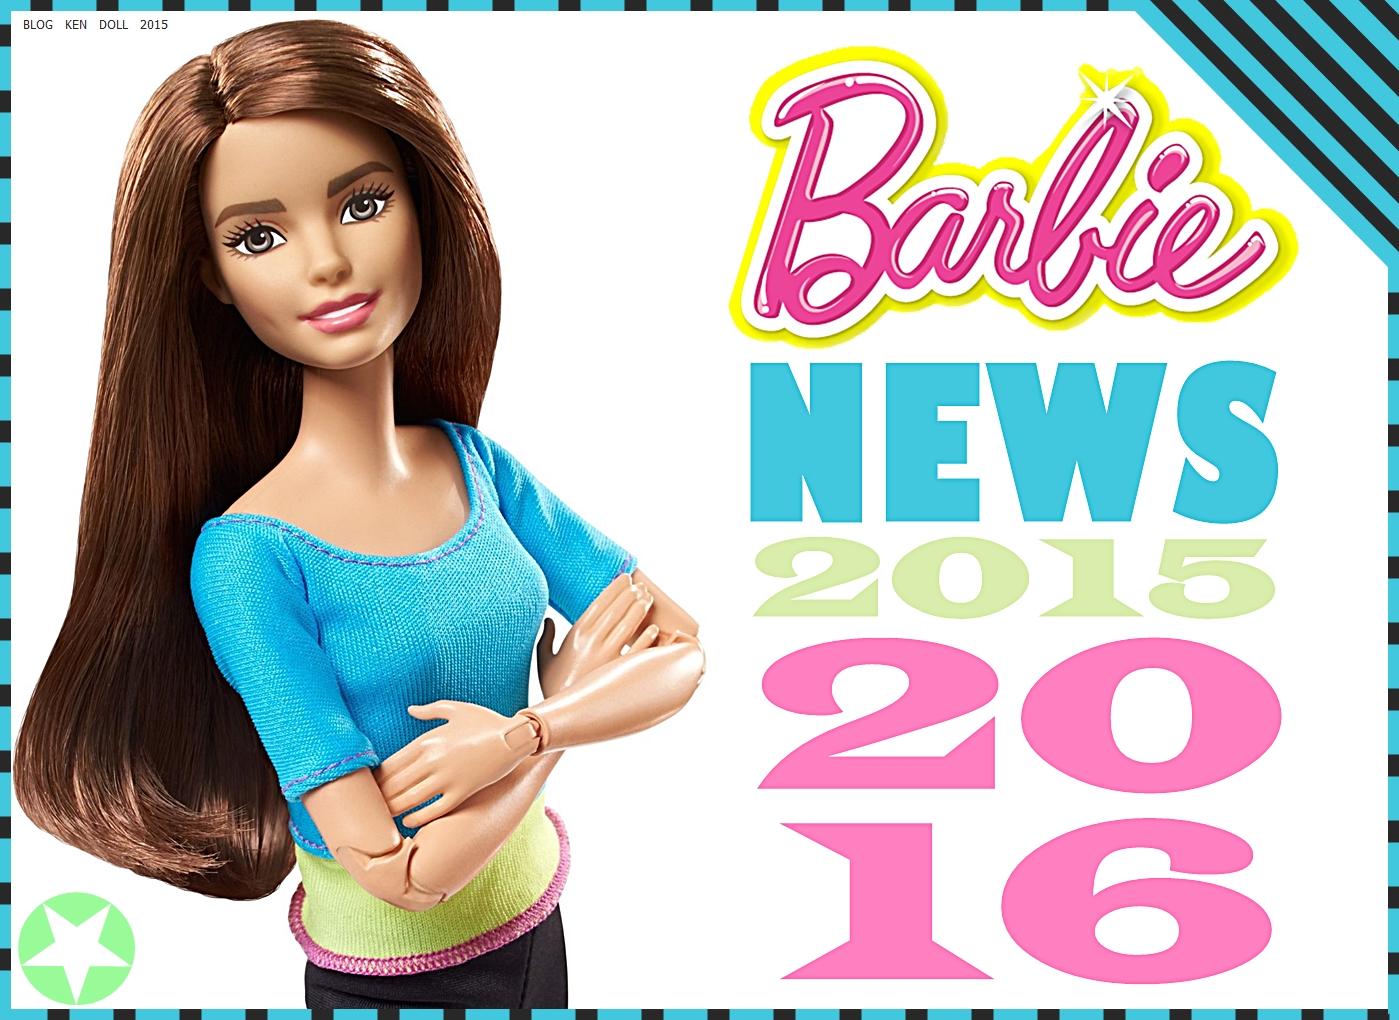 Ken Doll Novidades Da Linha Barbie 2015 2016